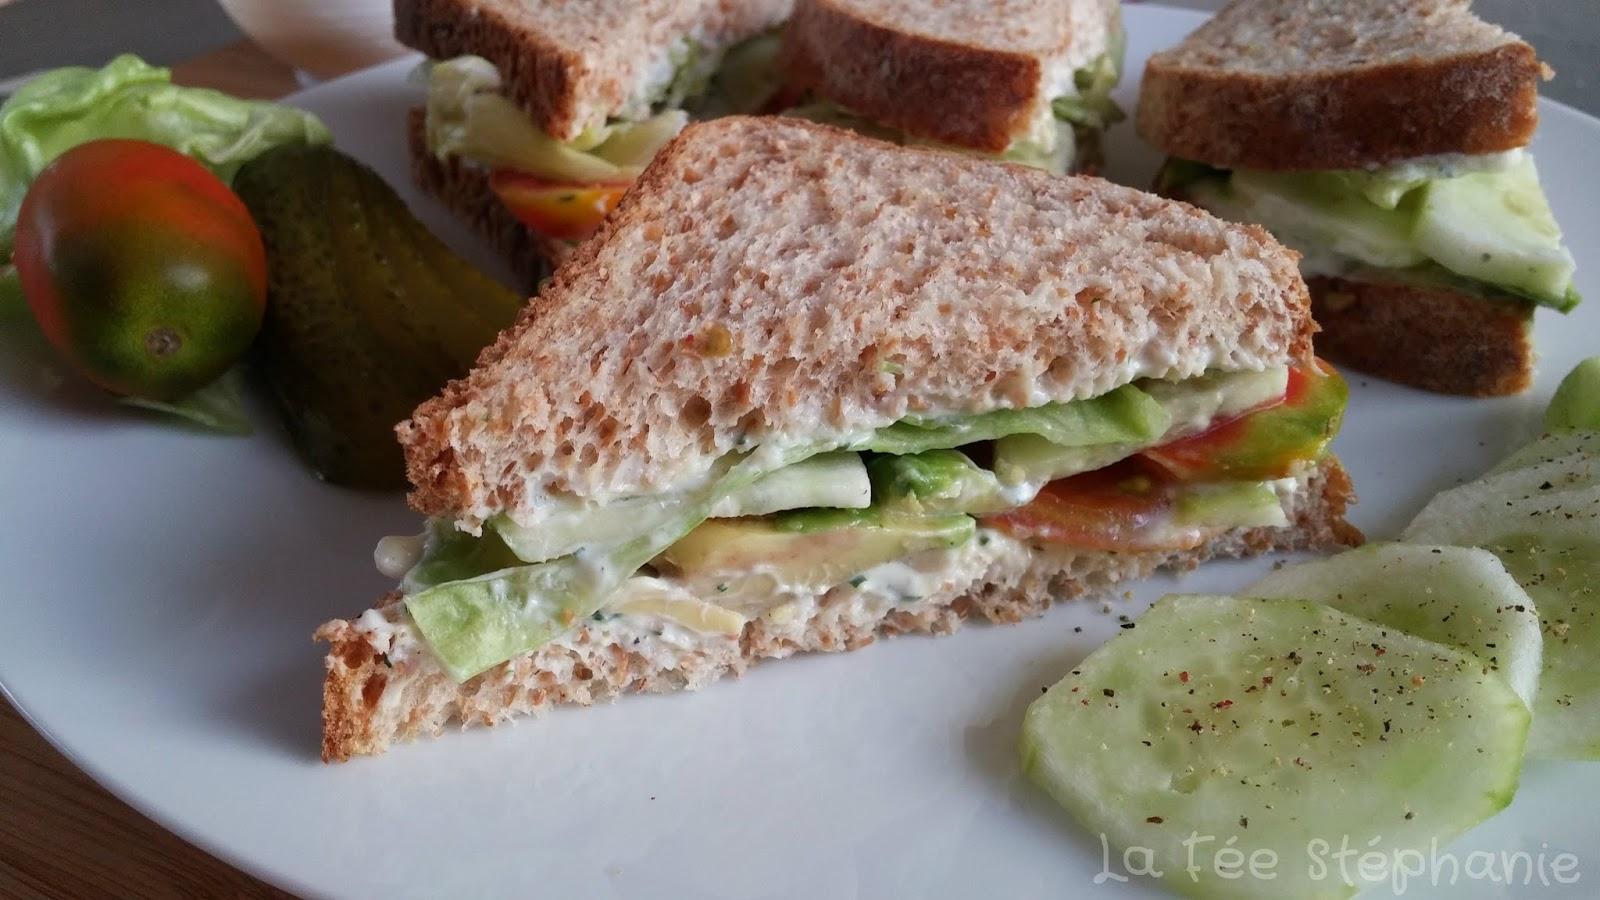 Que met un végétalien dans son sandwich?